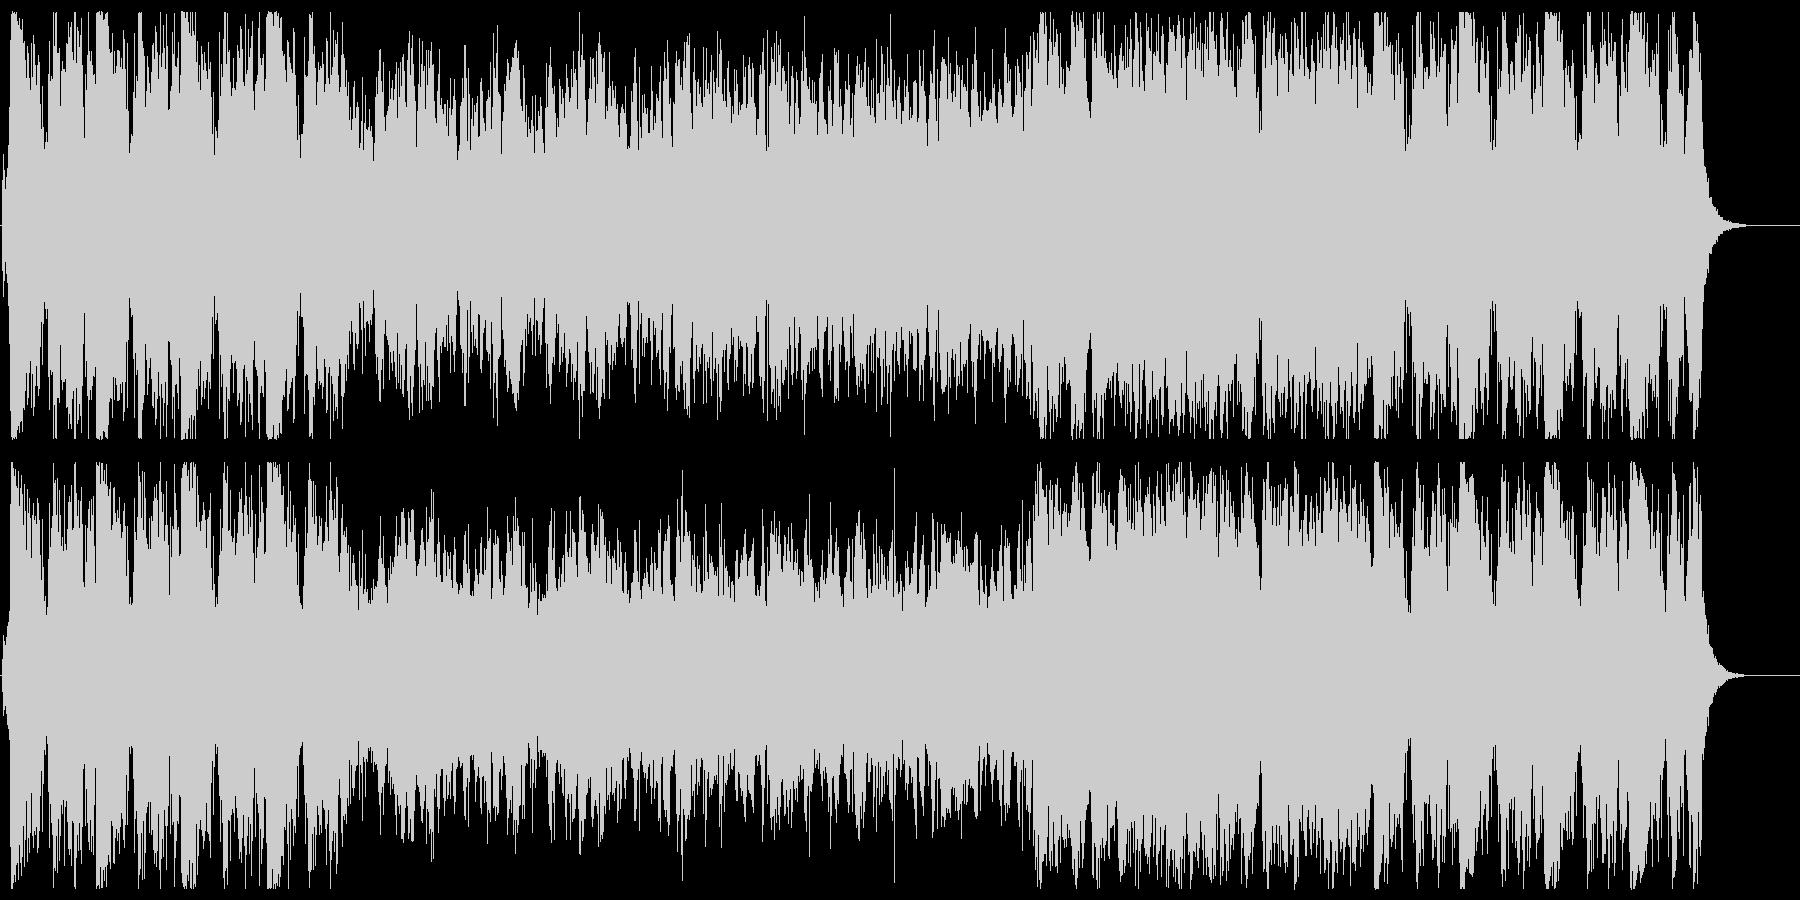 ハレルヤ協奏曲(クラシックのアレンジ)の未再生の波形